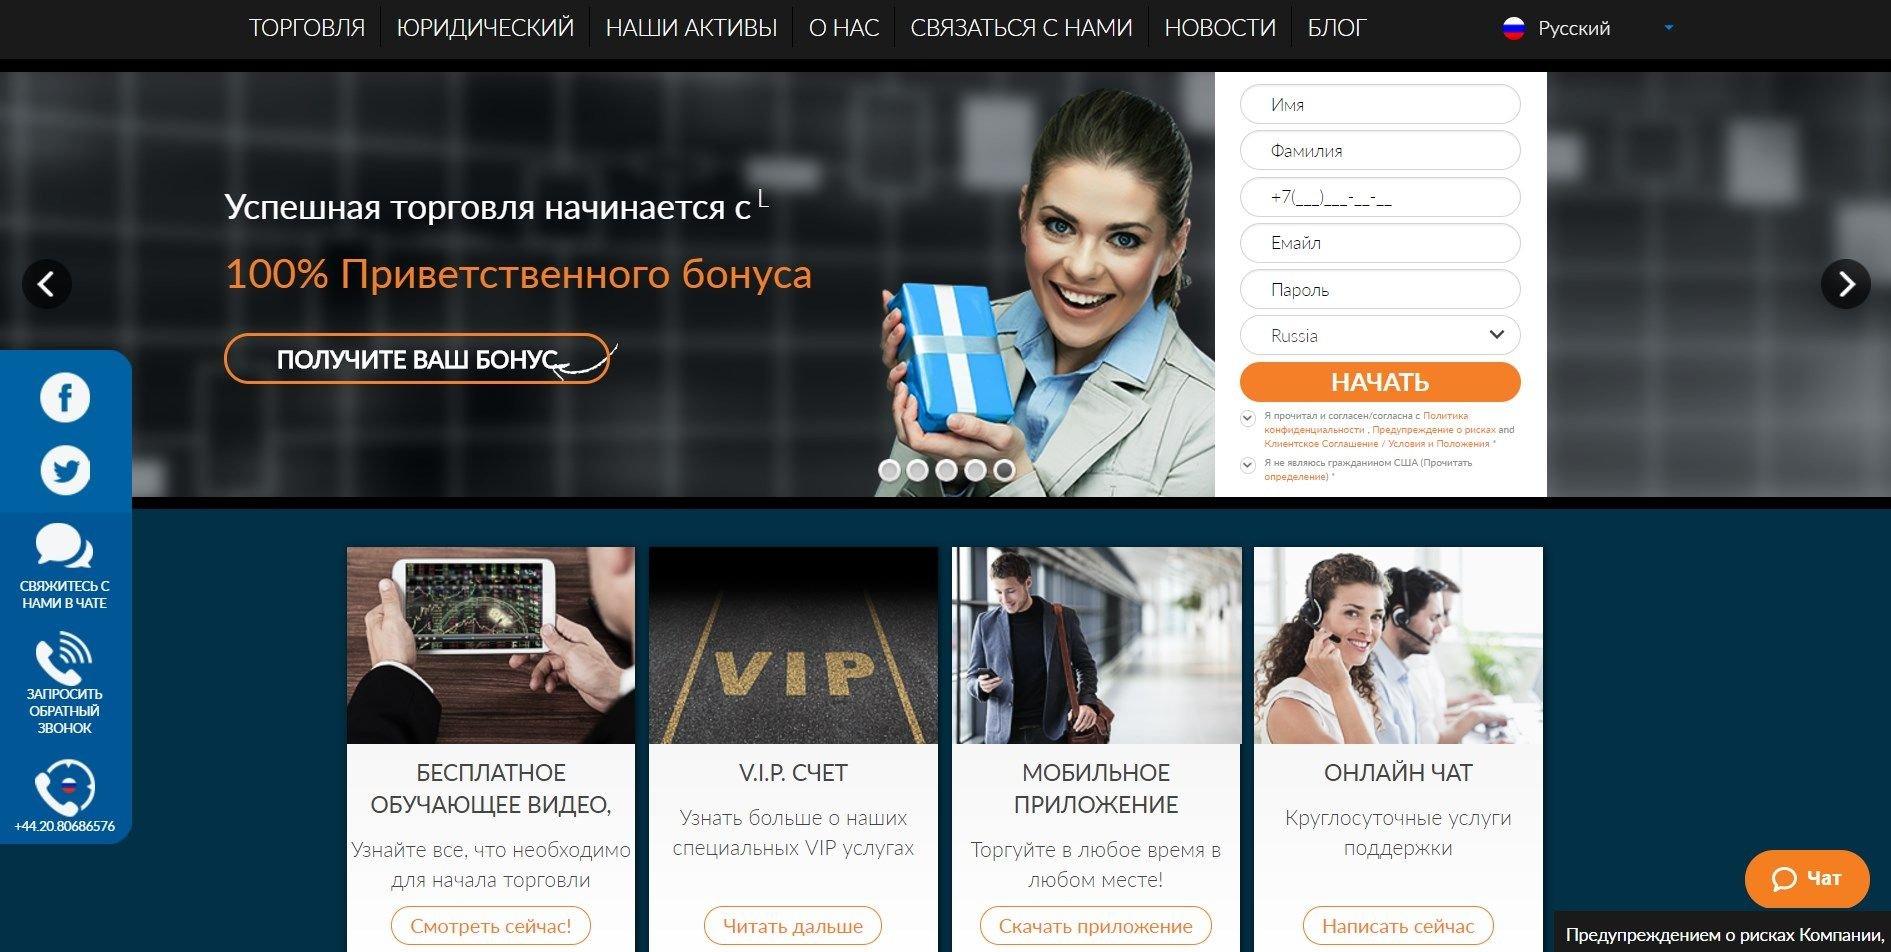 Брокер Optionbit дарит специальный бонус новичкам торговой платформы